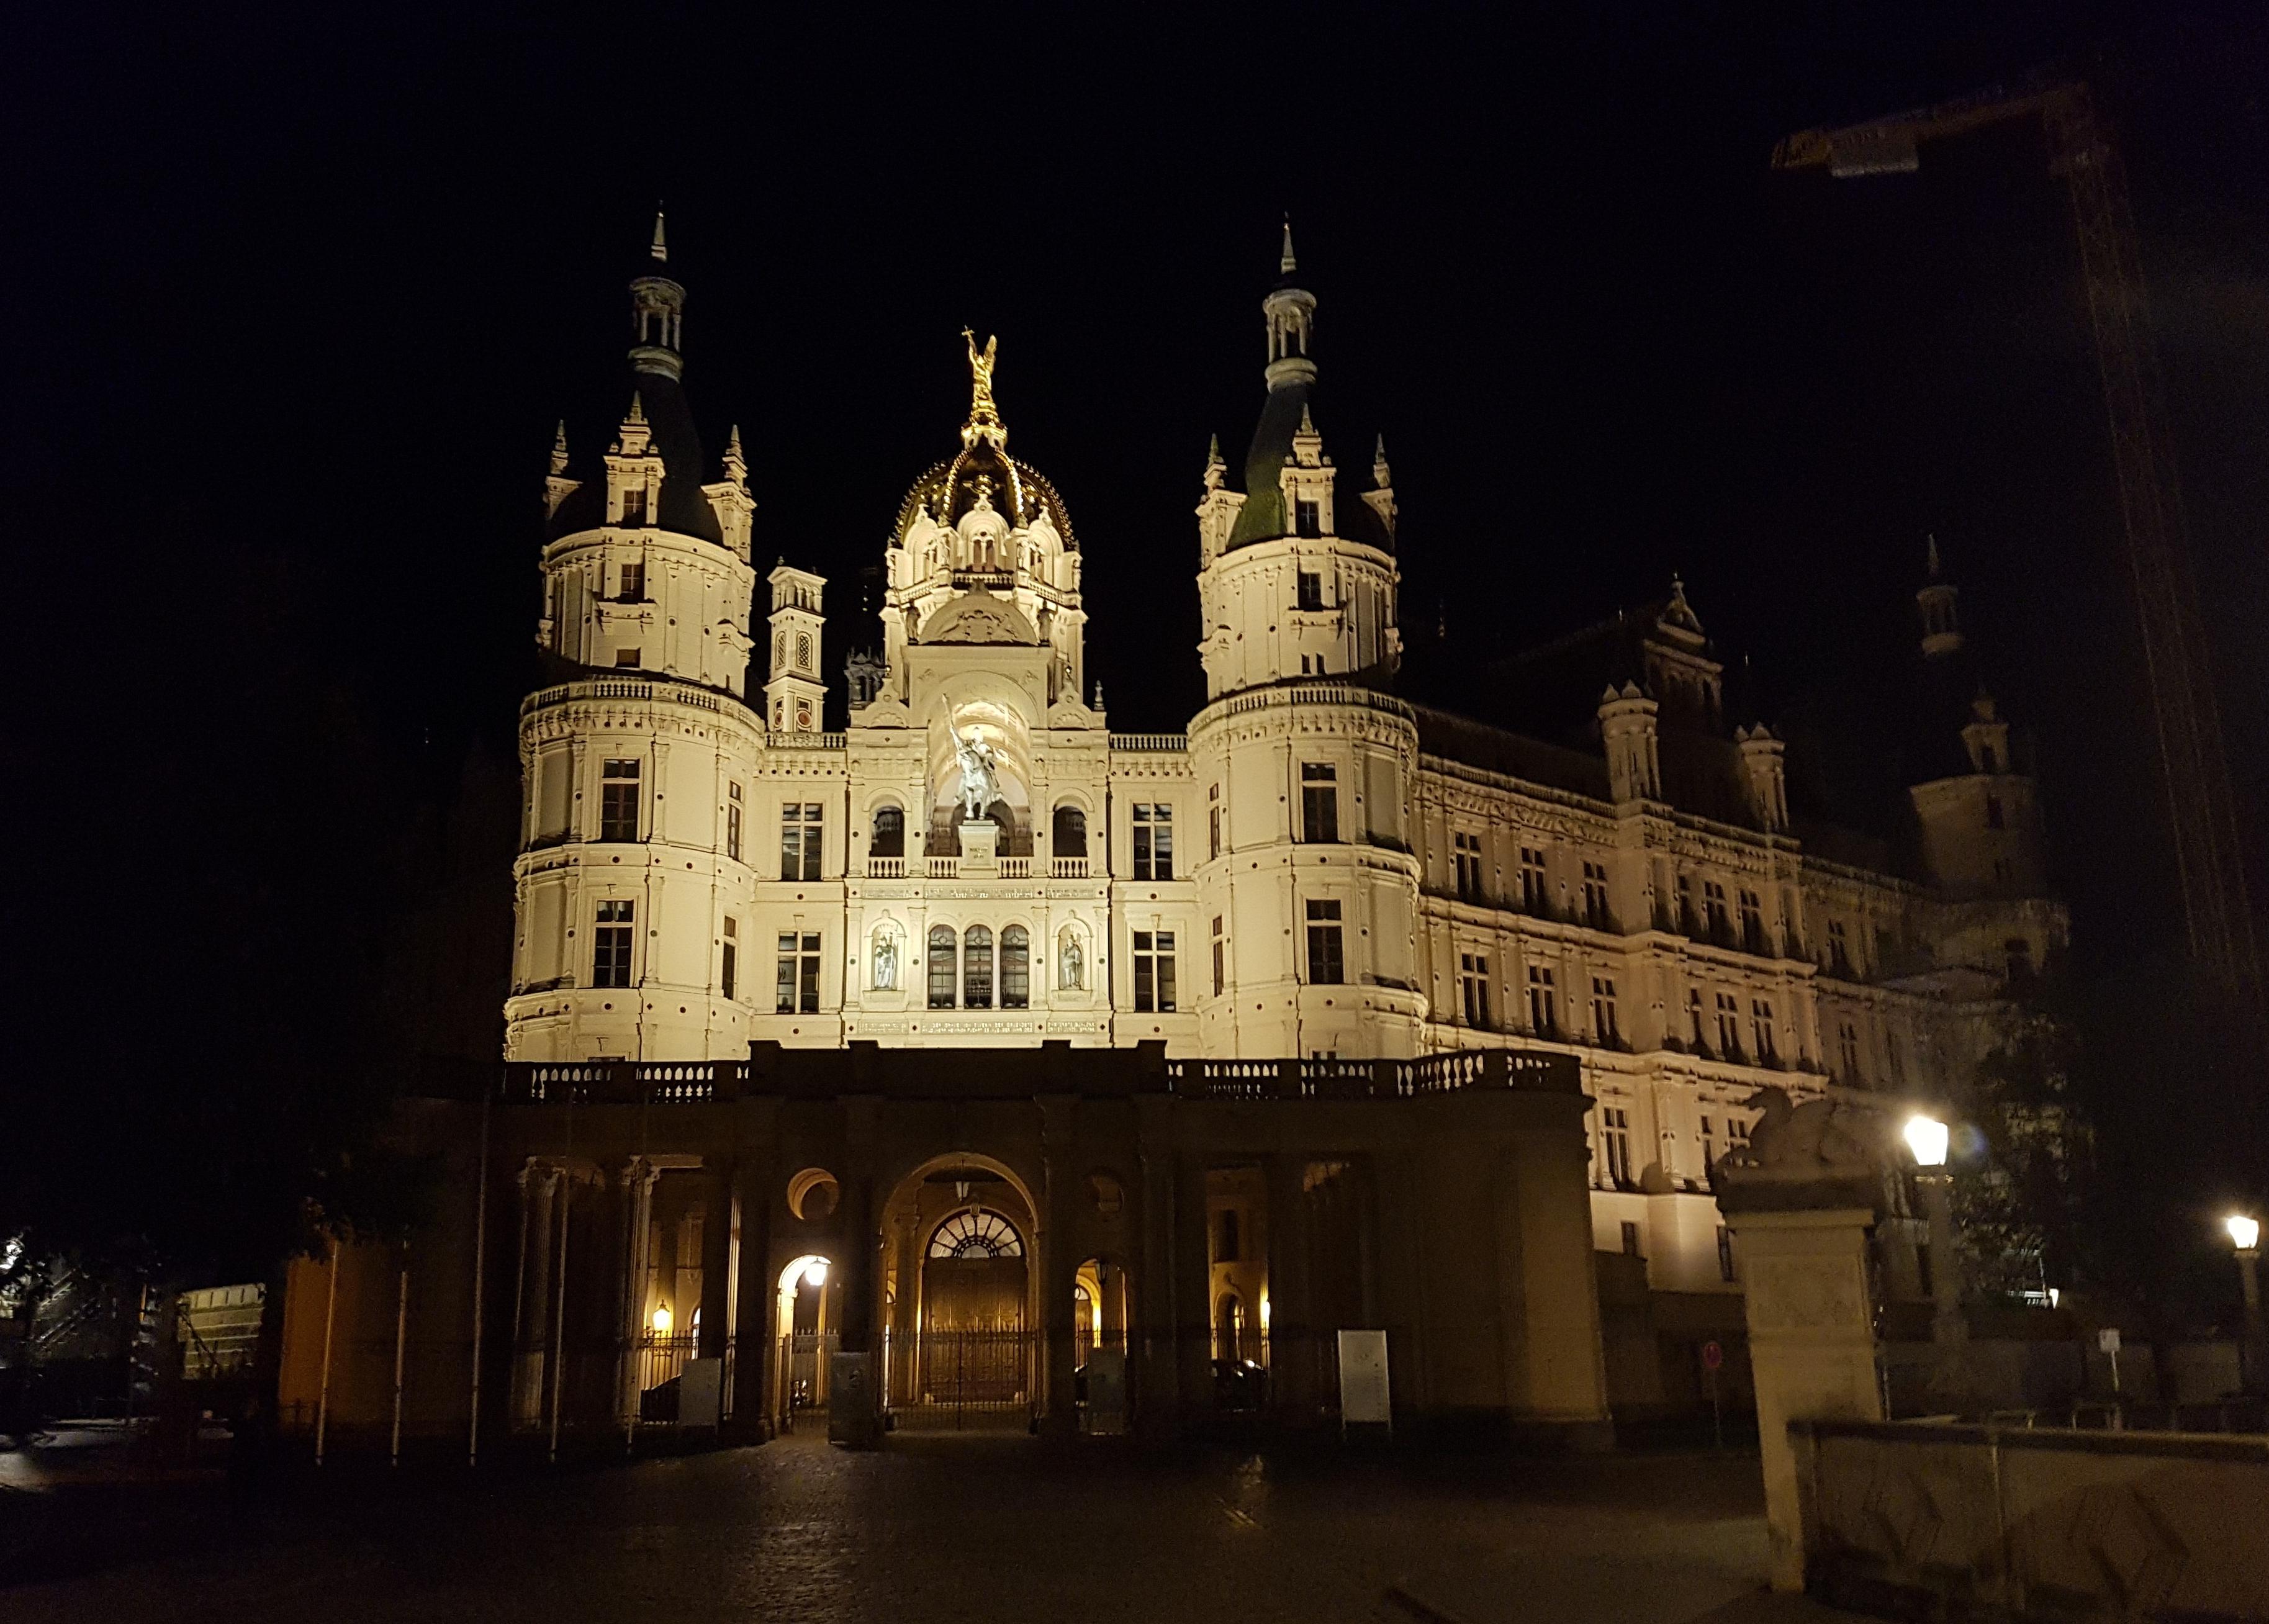 Das Foto zeigt das Schweriner Schloss, den Regierungssitz des Landes Mecklenburg-Vorpommern.